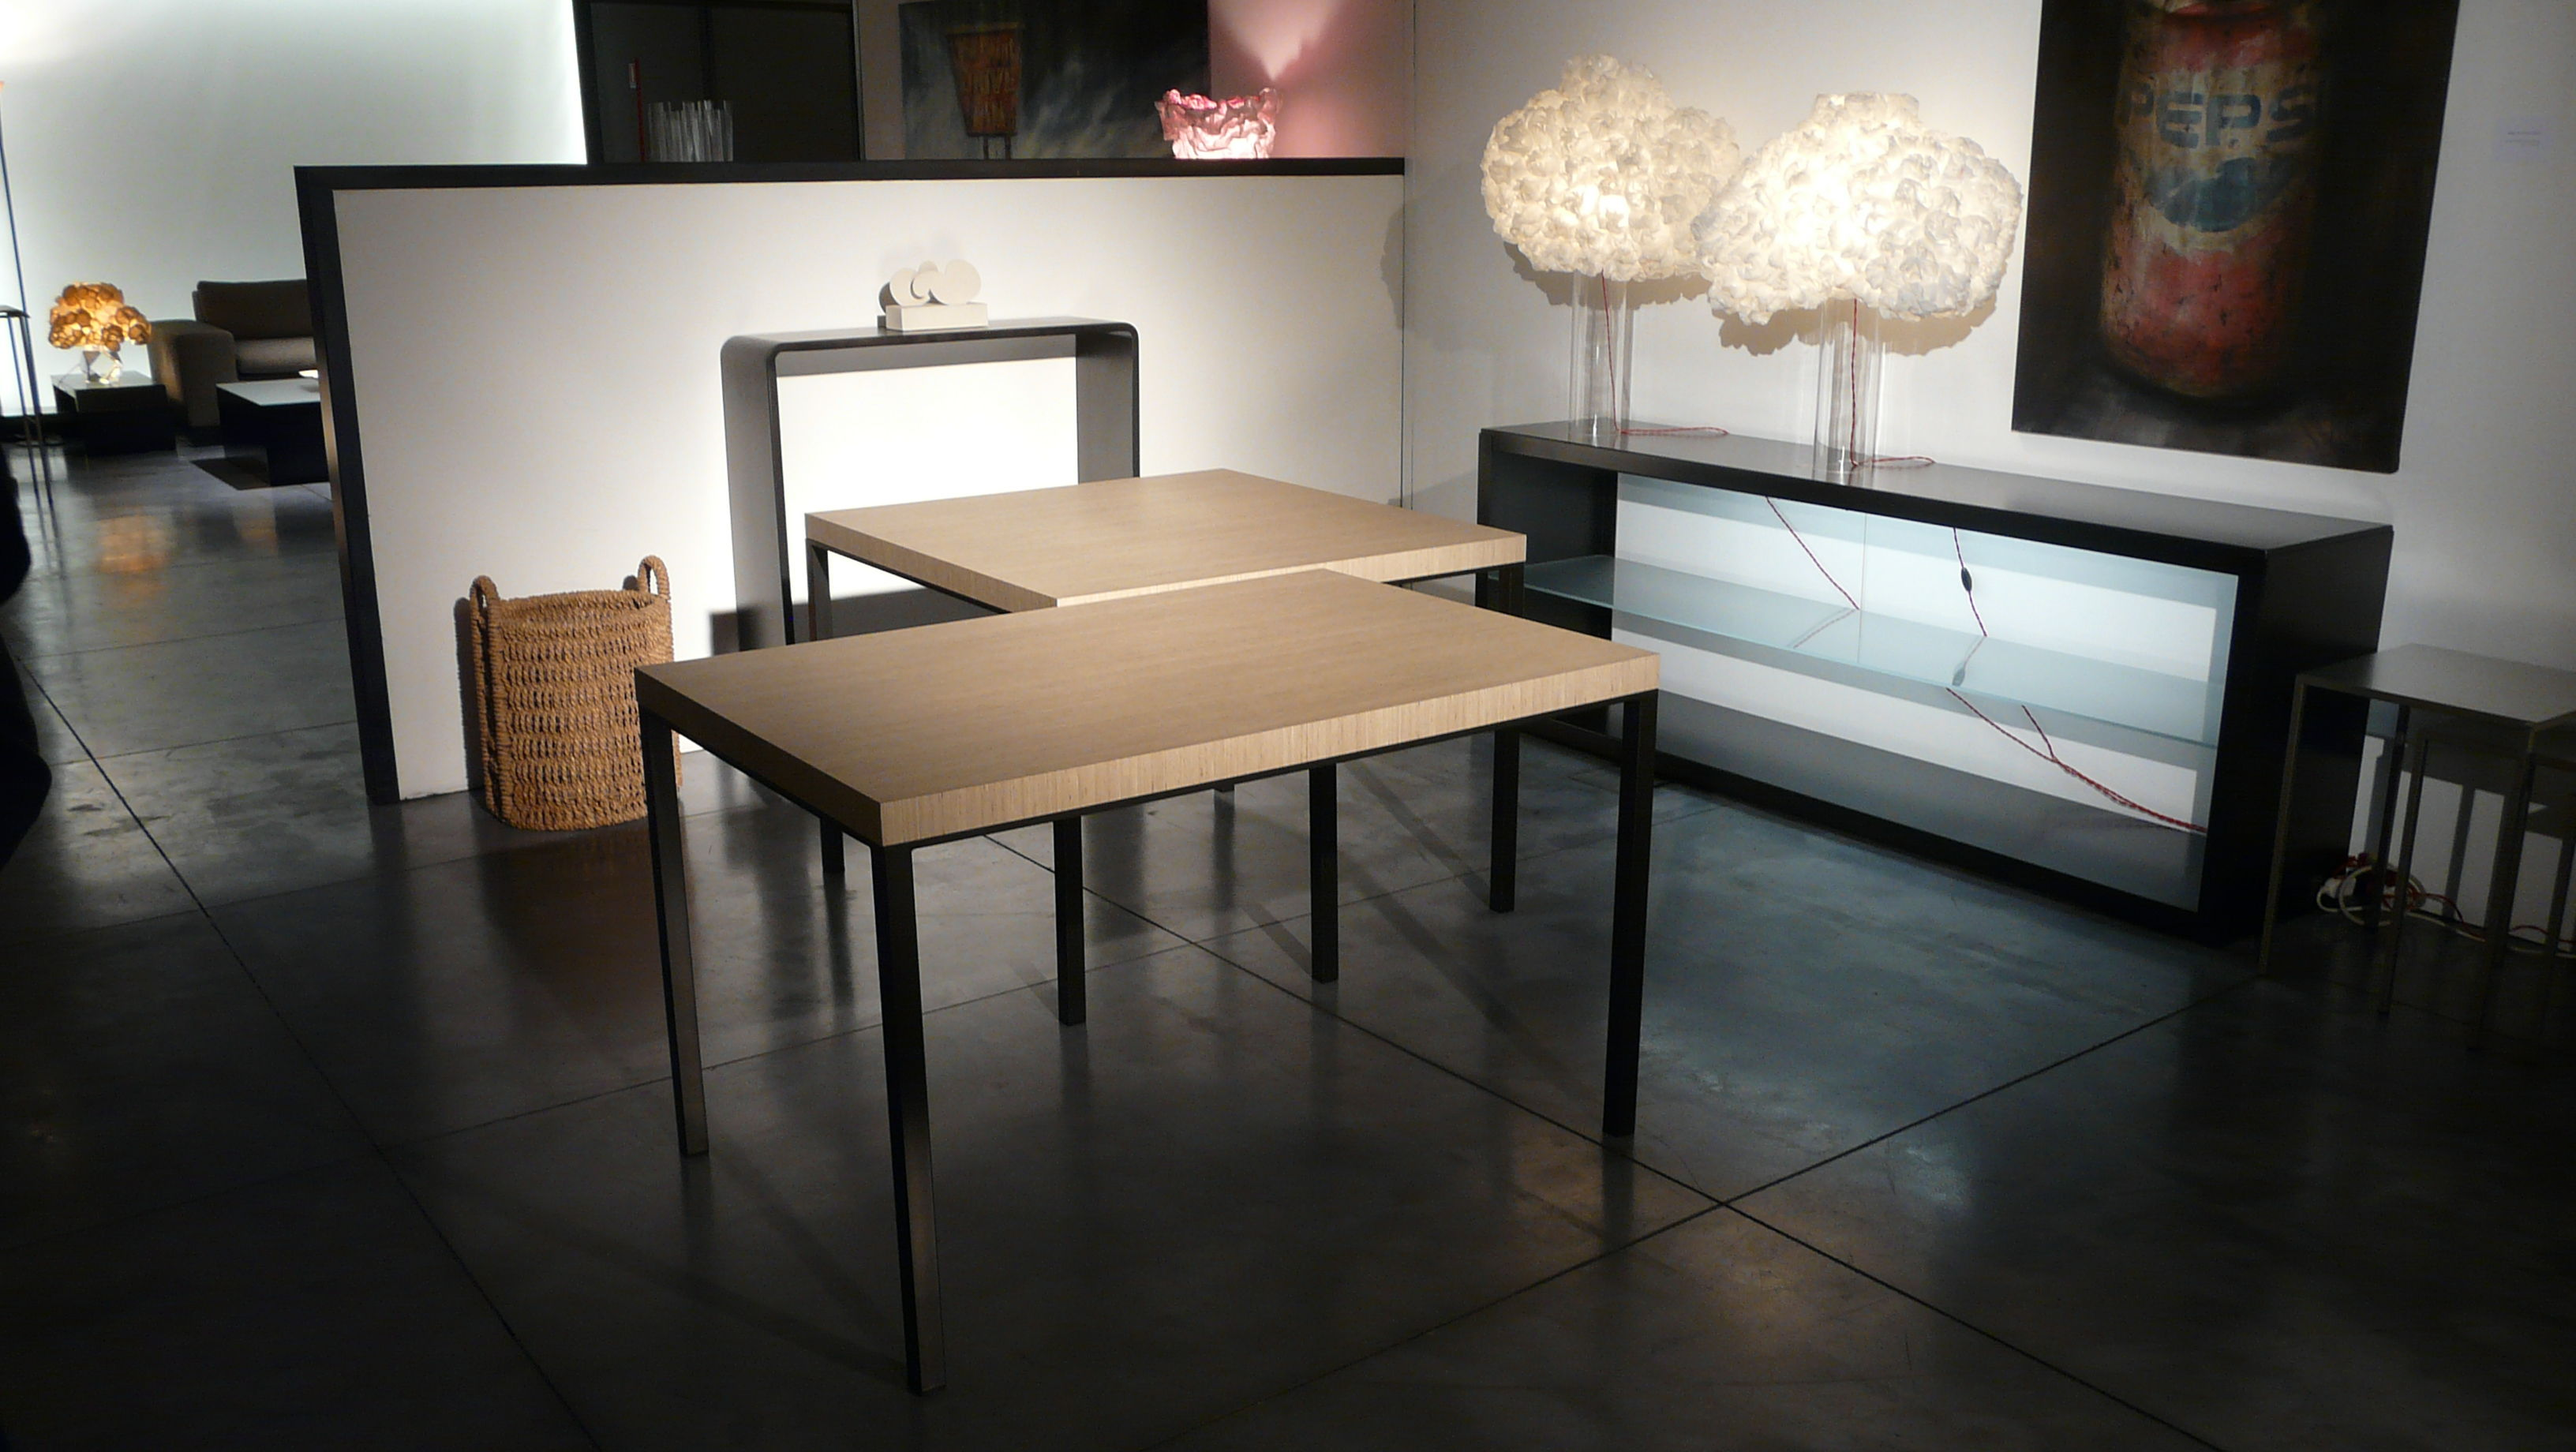 Table big brother 100 x 100 cm bois clair et noir cuivré 100 x